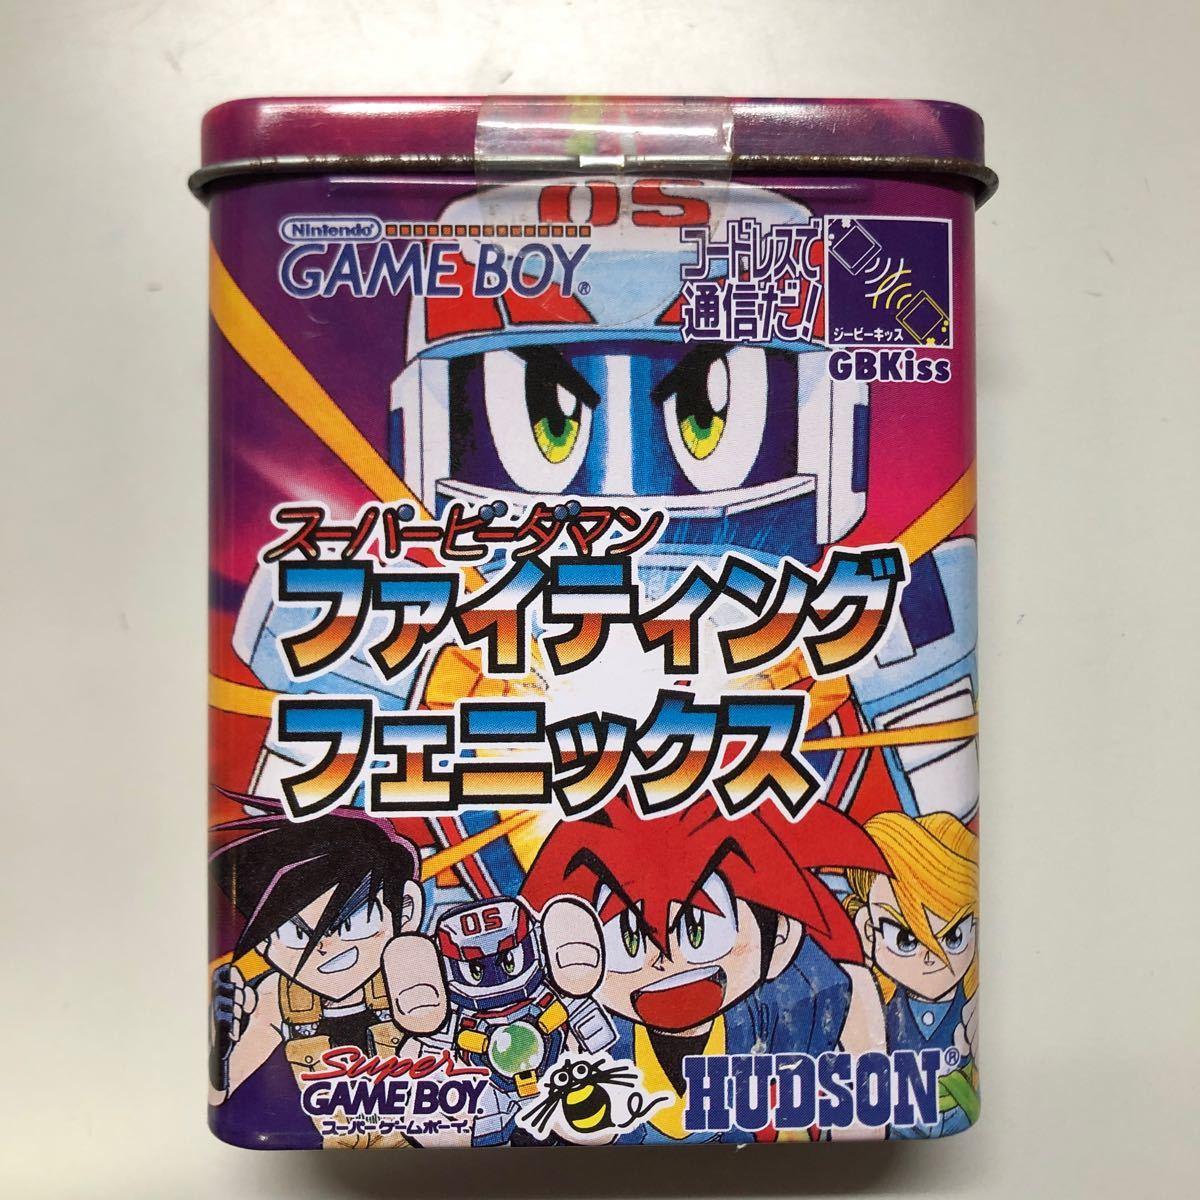 ゲームボーイ ゲーム缶 スーパービーダマン ファィティングフェニックス